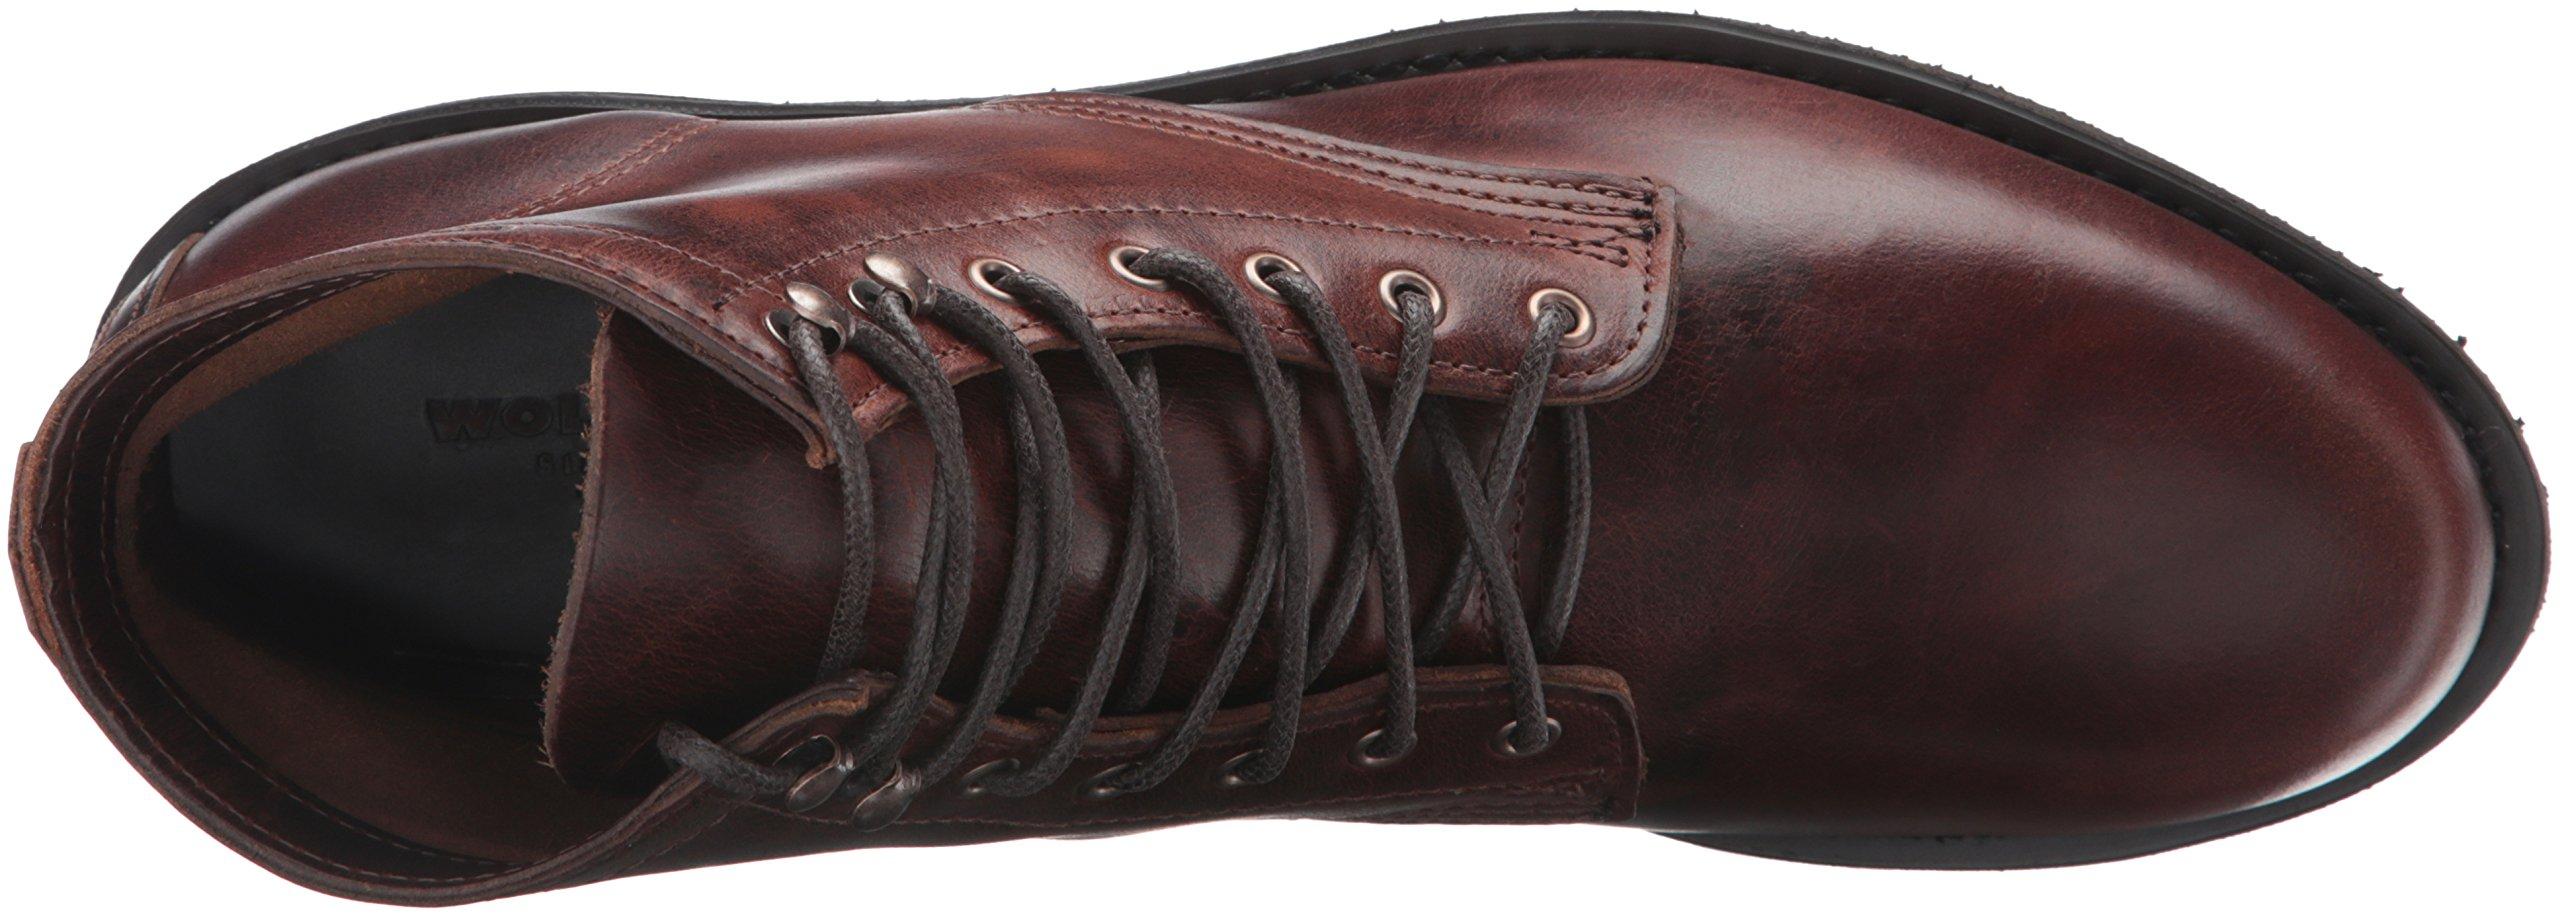 c5d94860e5d Wolverine Men's Kilometer Boot < Industrial & Construction Boots ...